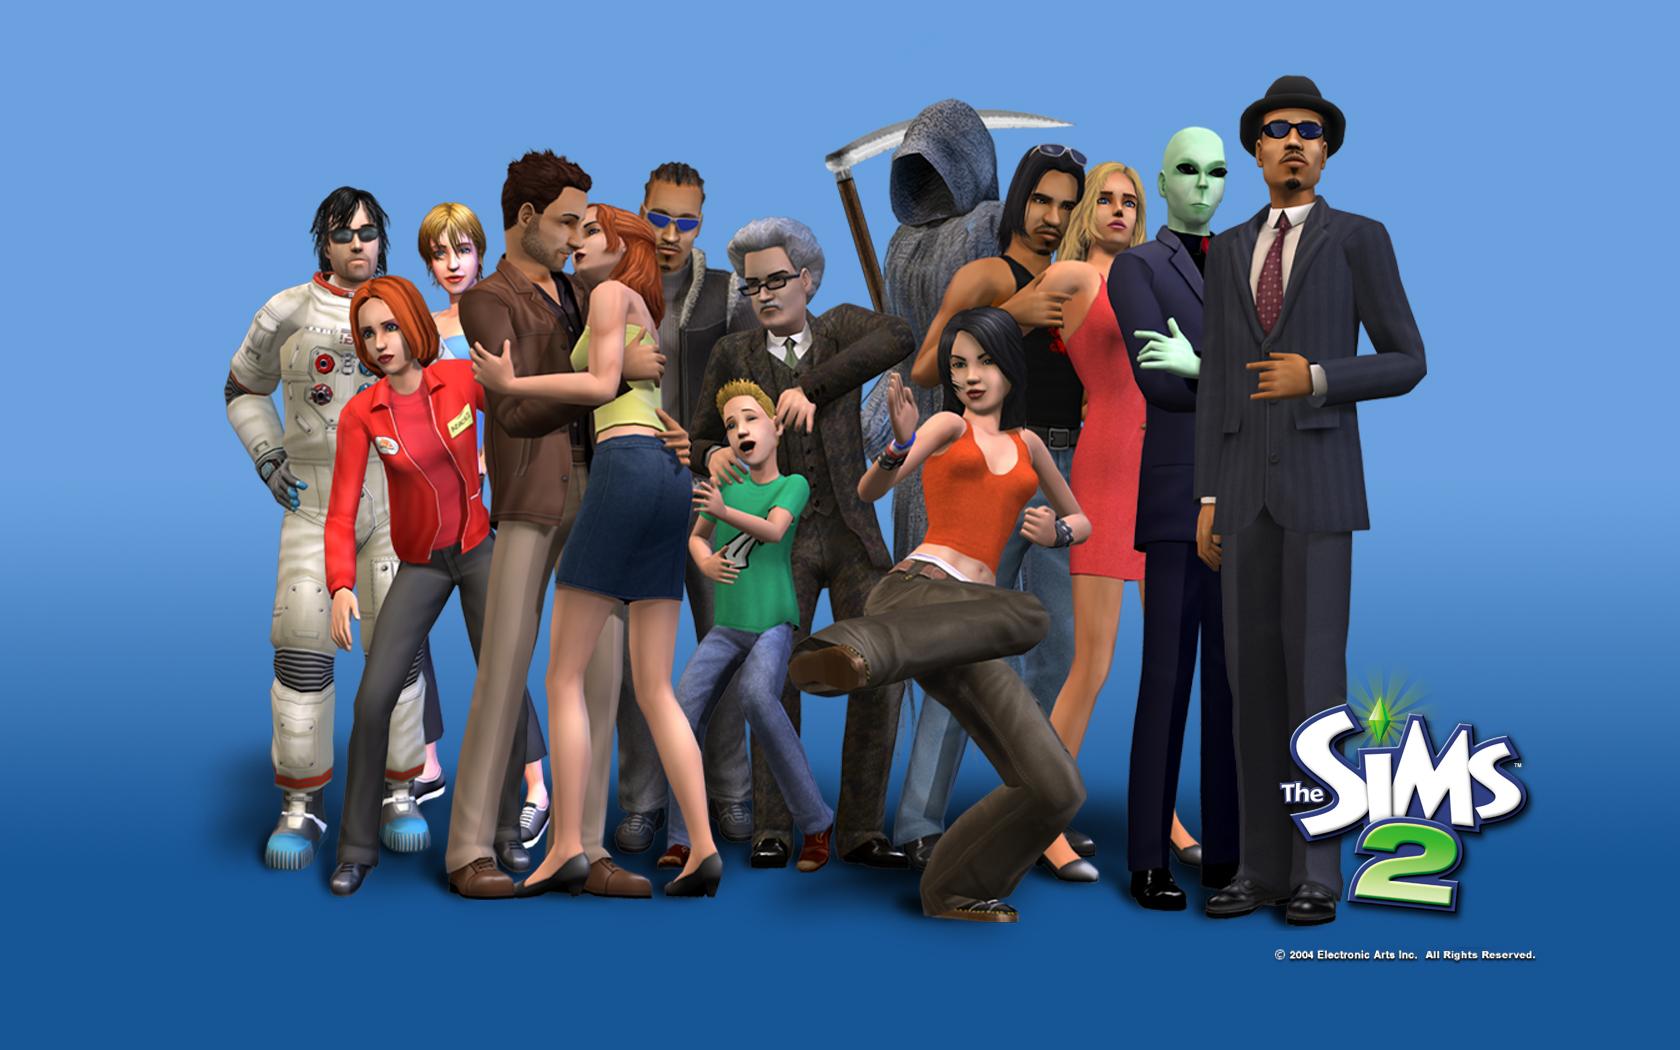 Jak pobrać The Sims 2 za darmo z Origin?